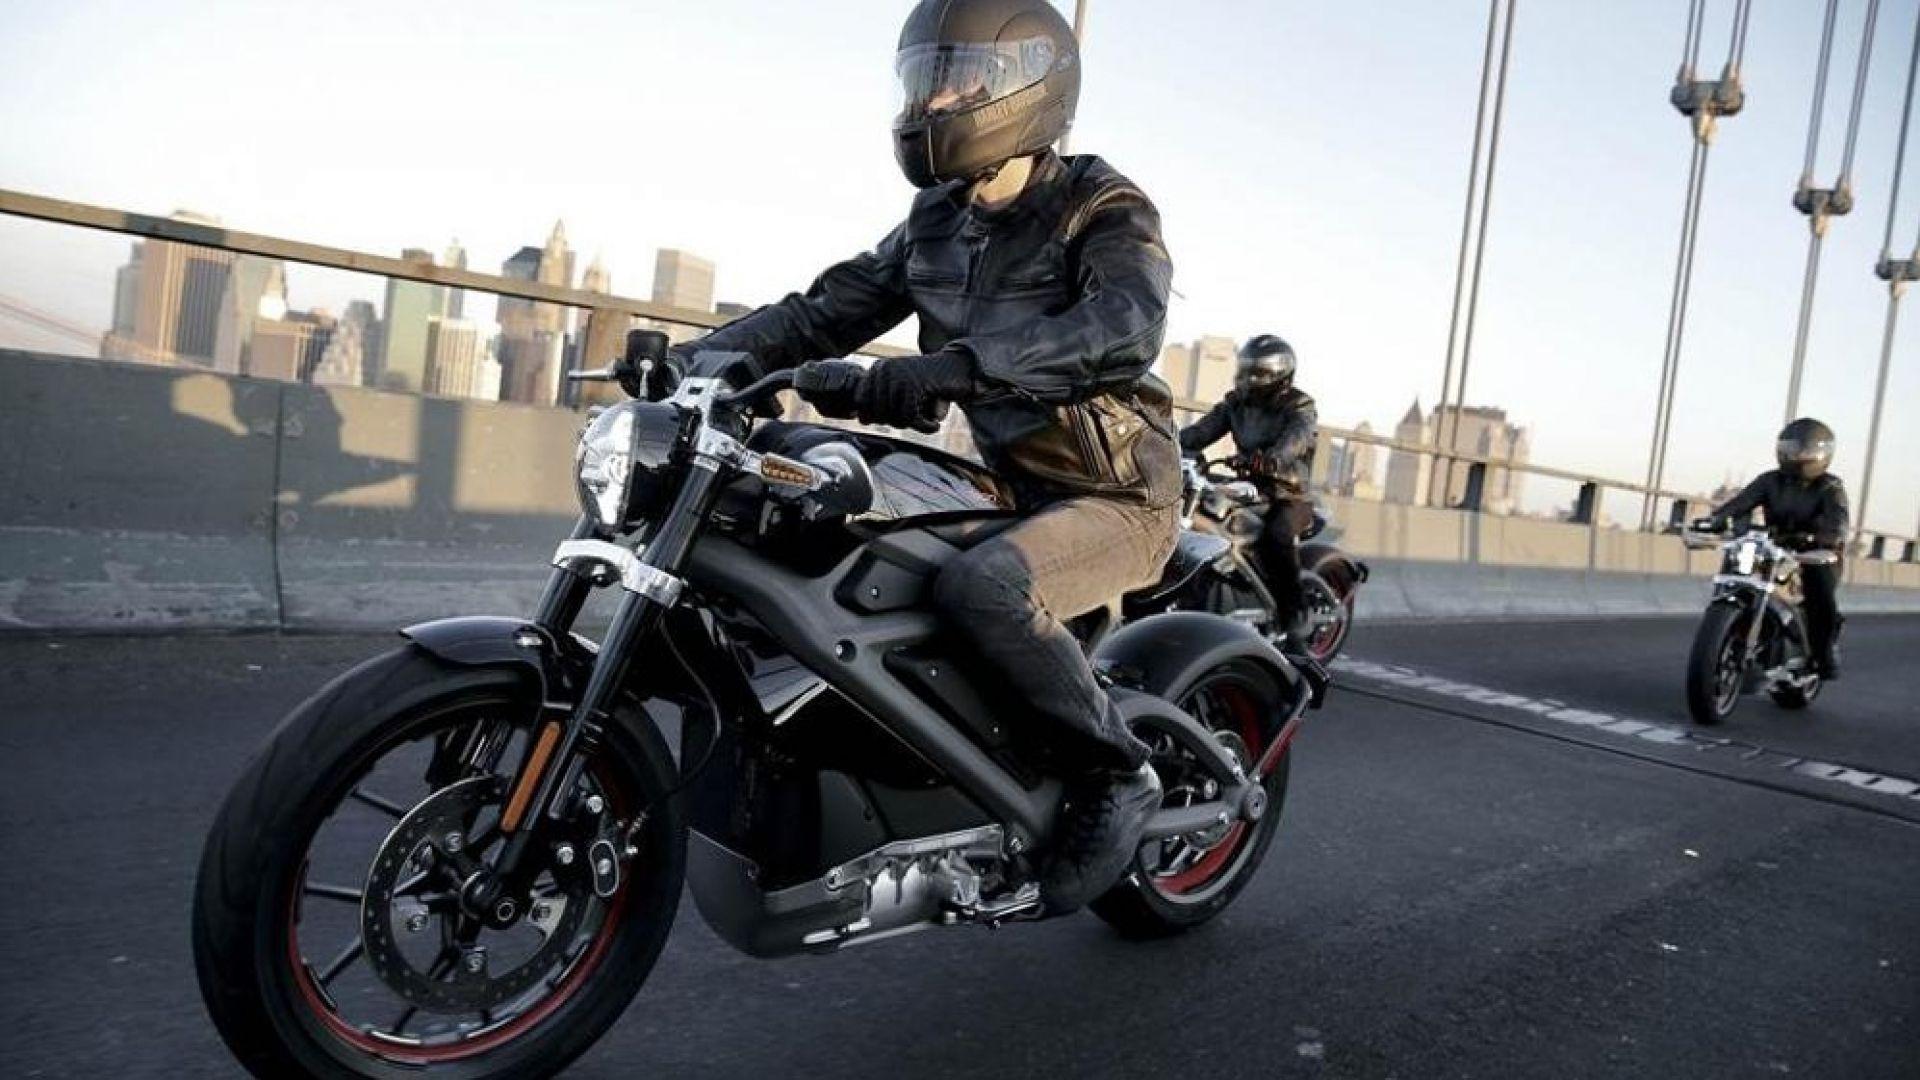 harley davidson la moto elettrica livewire arriver nel 2019 motorbox. Black Bedroom Furniture Sets. Home Design Ideas